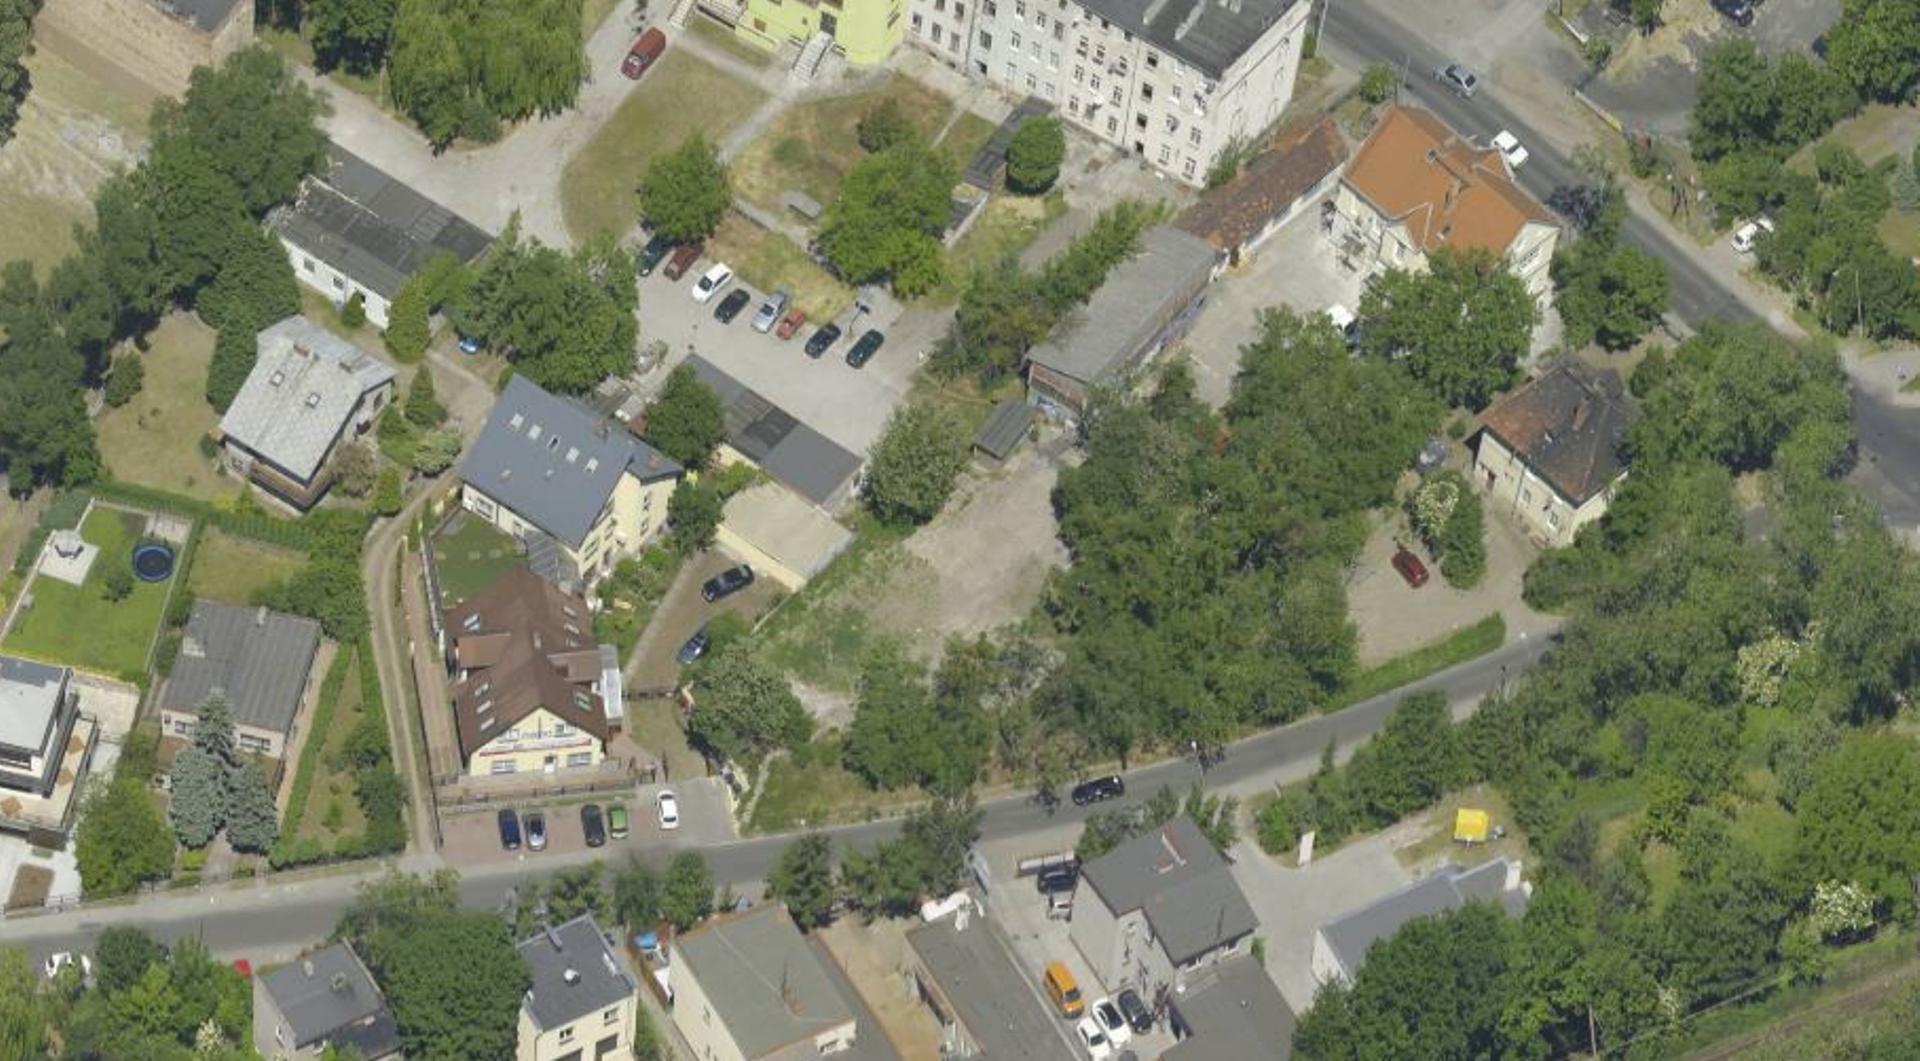 Wrocław: Nowy gracz na Karłowicach. Chce wybudować mieszkania